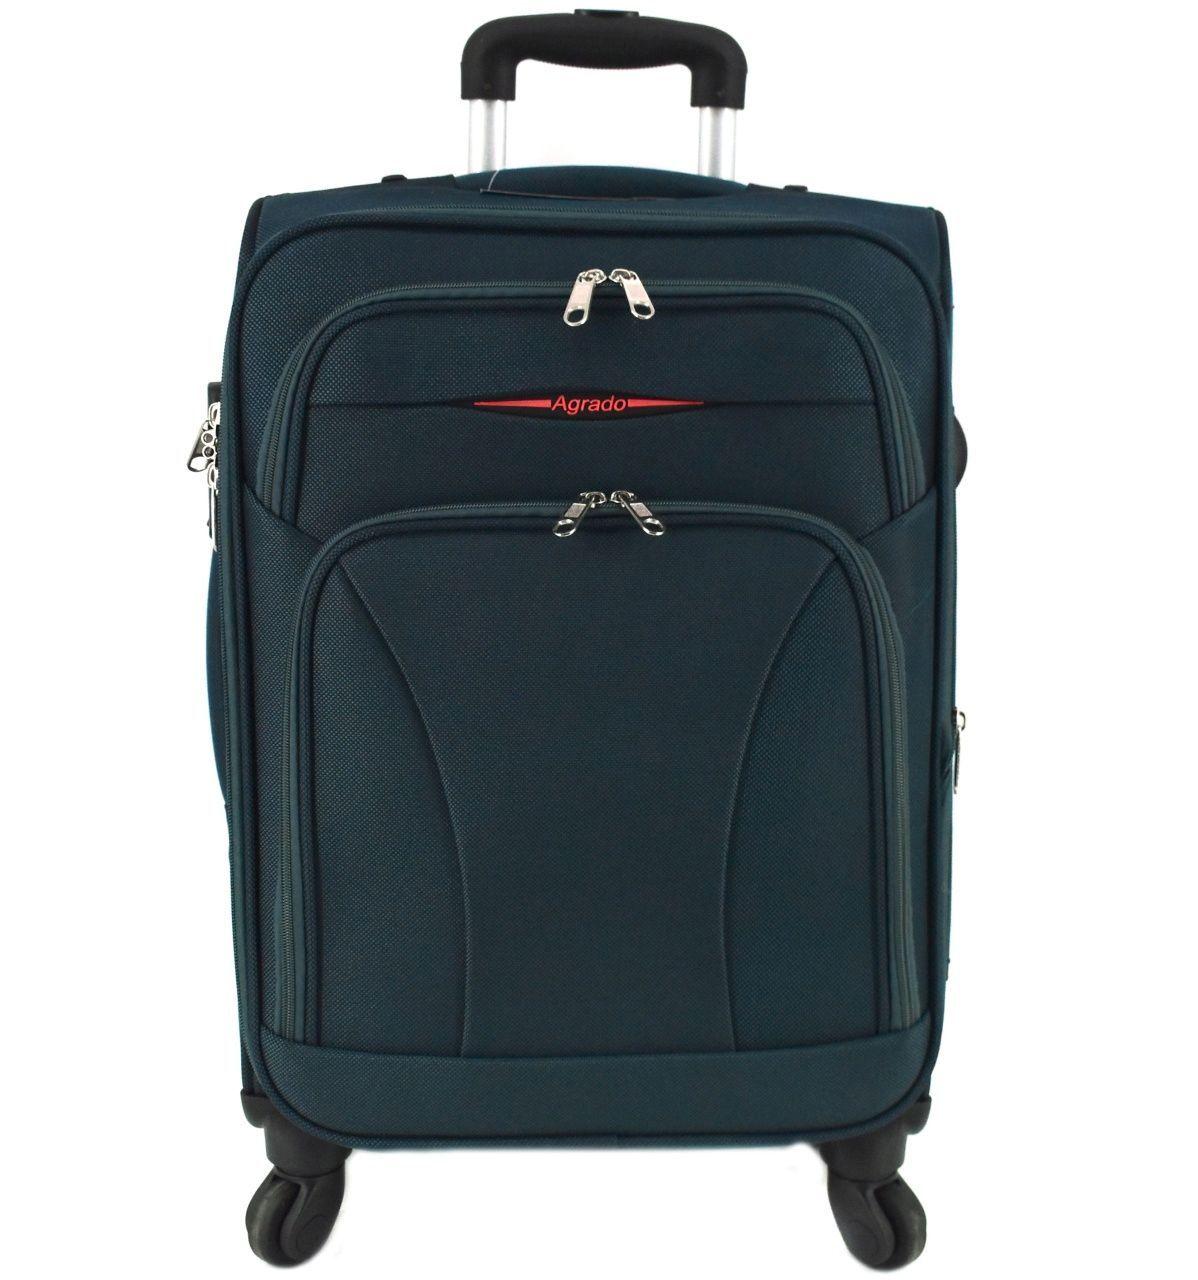 Cestovní textilní kufr na čtyřech kolečkách Agrado (S) 45l - tmavě zelená 8021 (S)